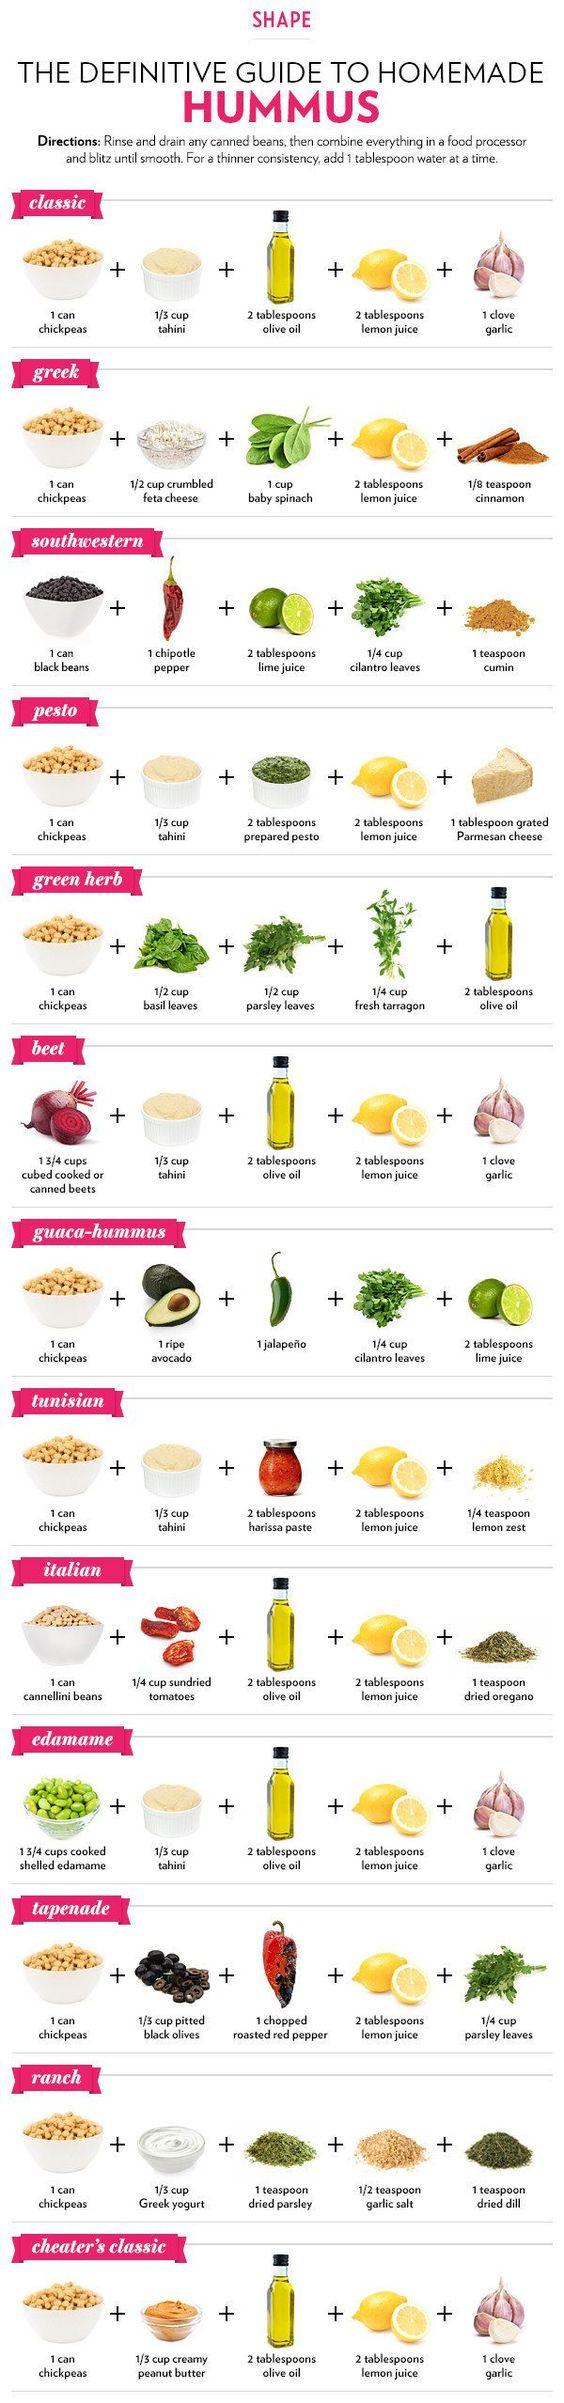 Pour du houmous encore plus savoureux. | 24 graphiques pour vous aider à manger plus équilibré